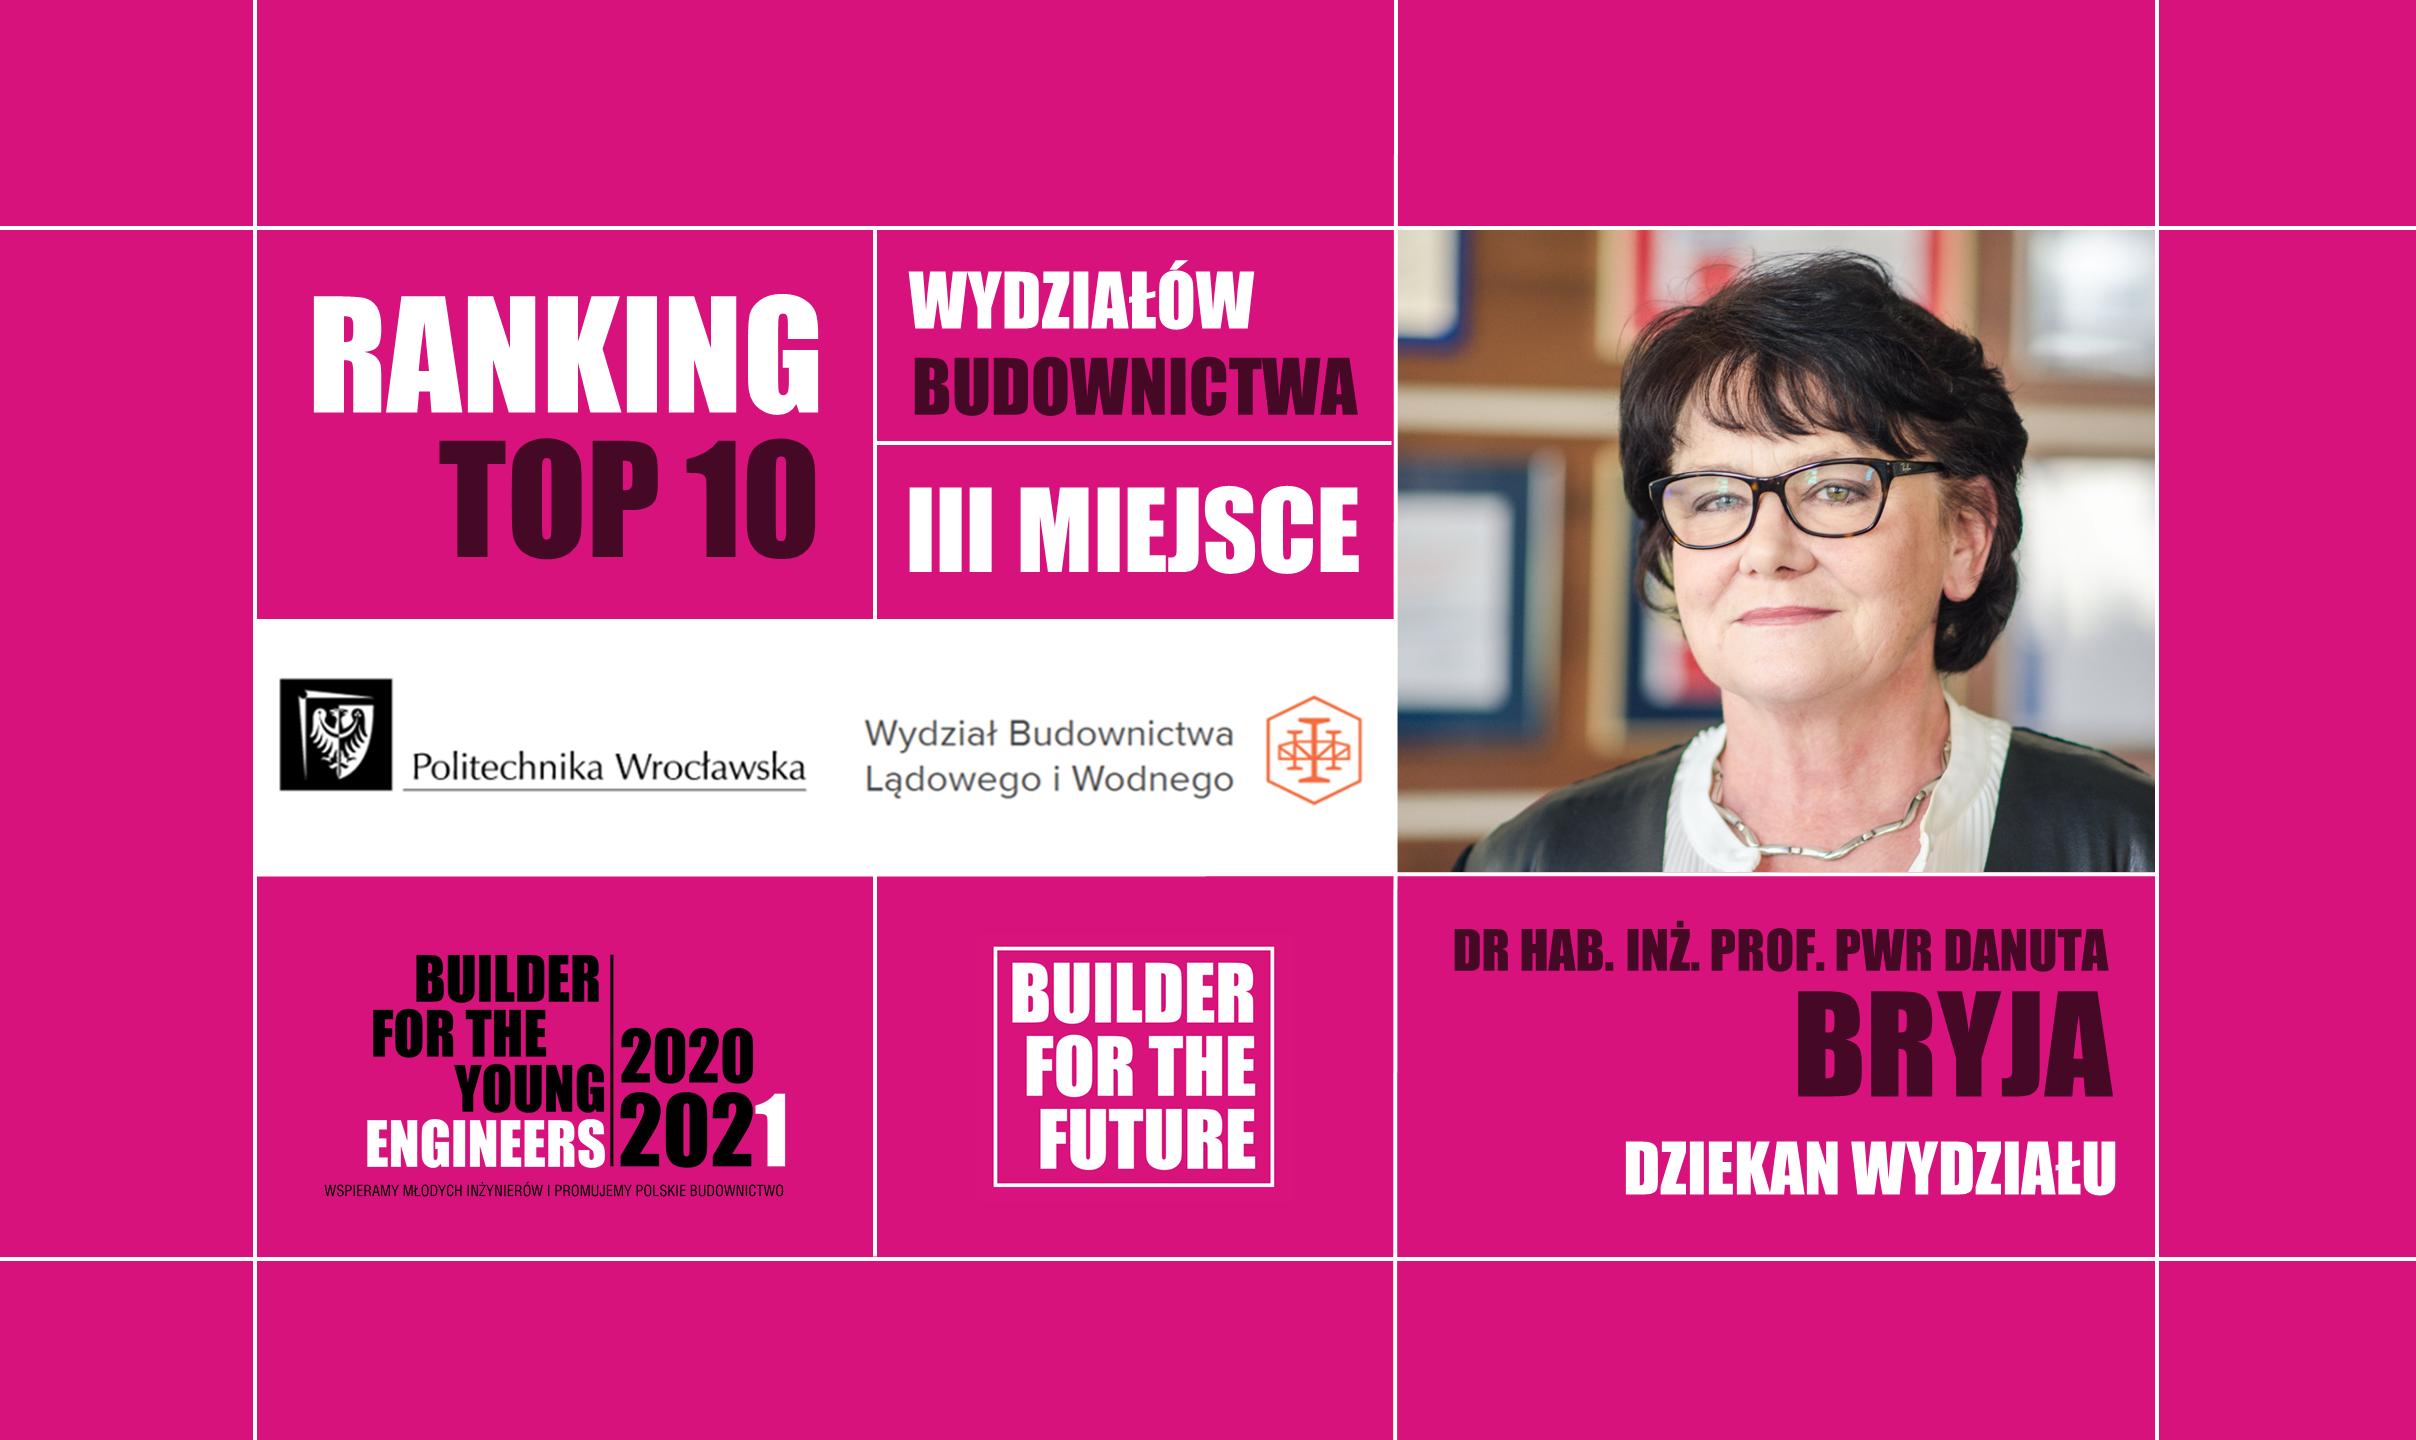 III MIEJSCE W RANKINGU TOP10 FOR THE FUTURE 2020/21